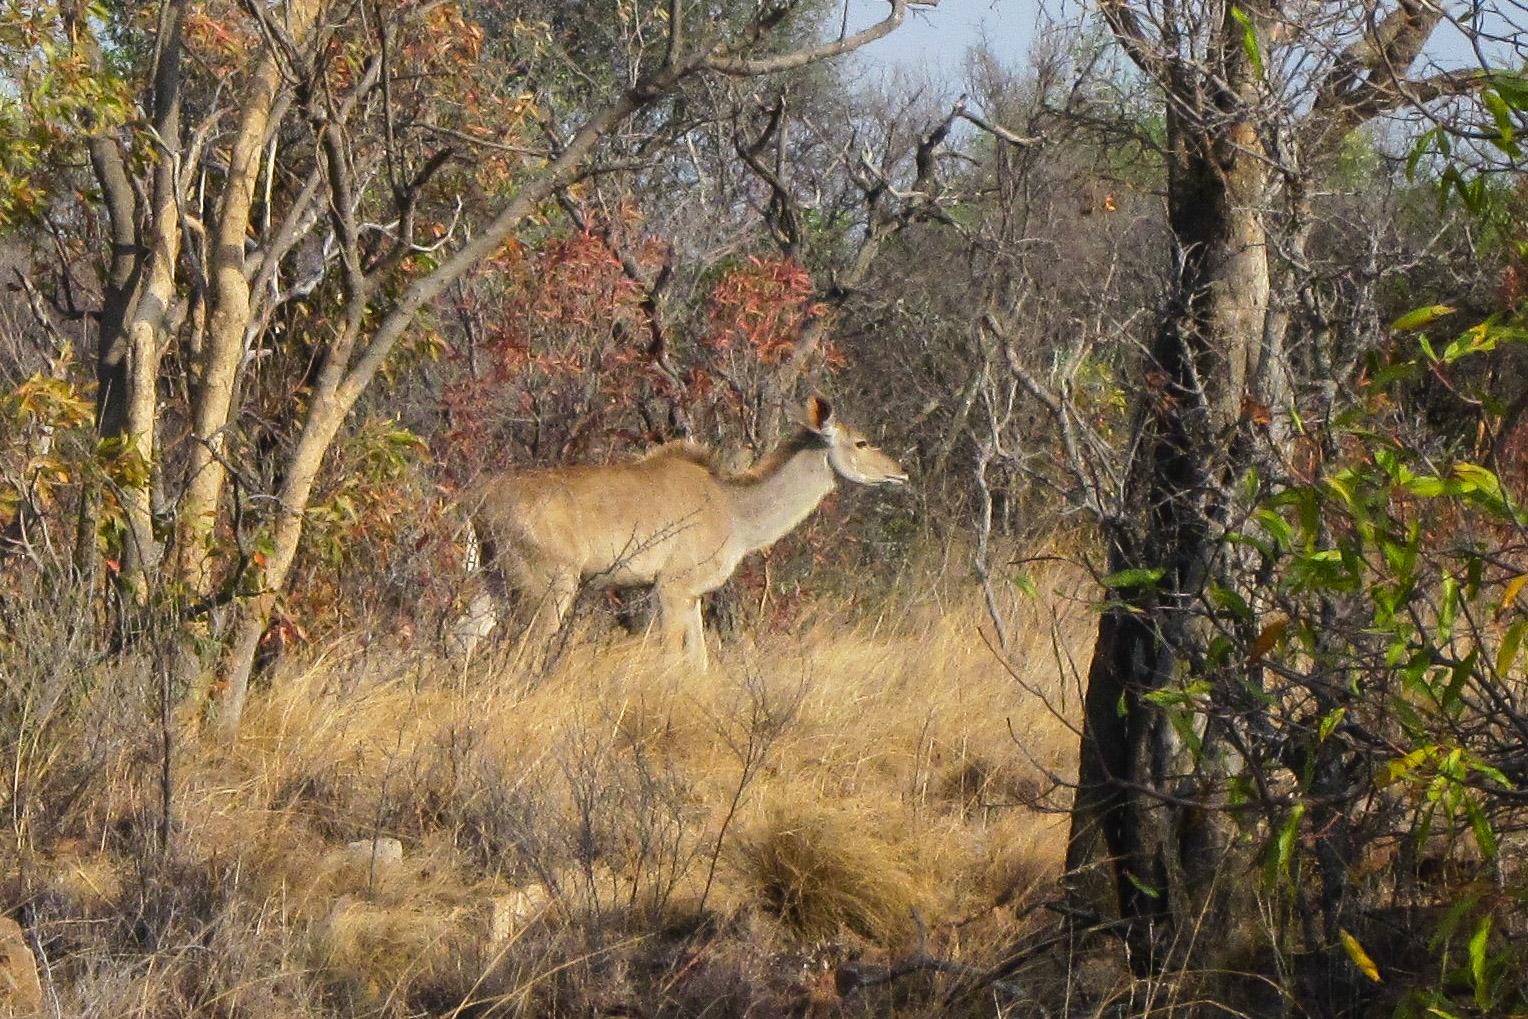 Kudu (w)